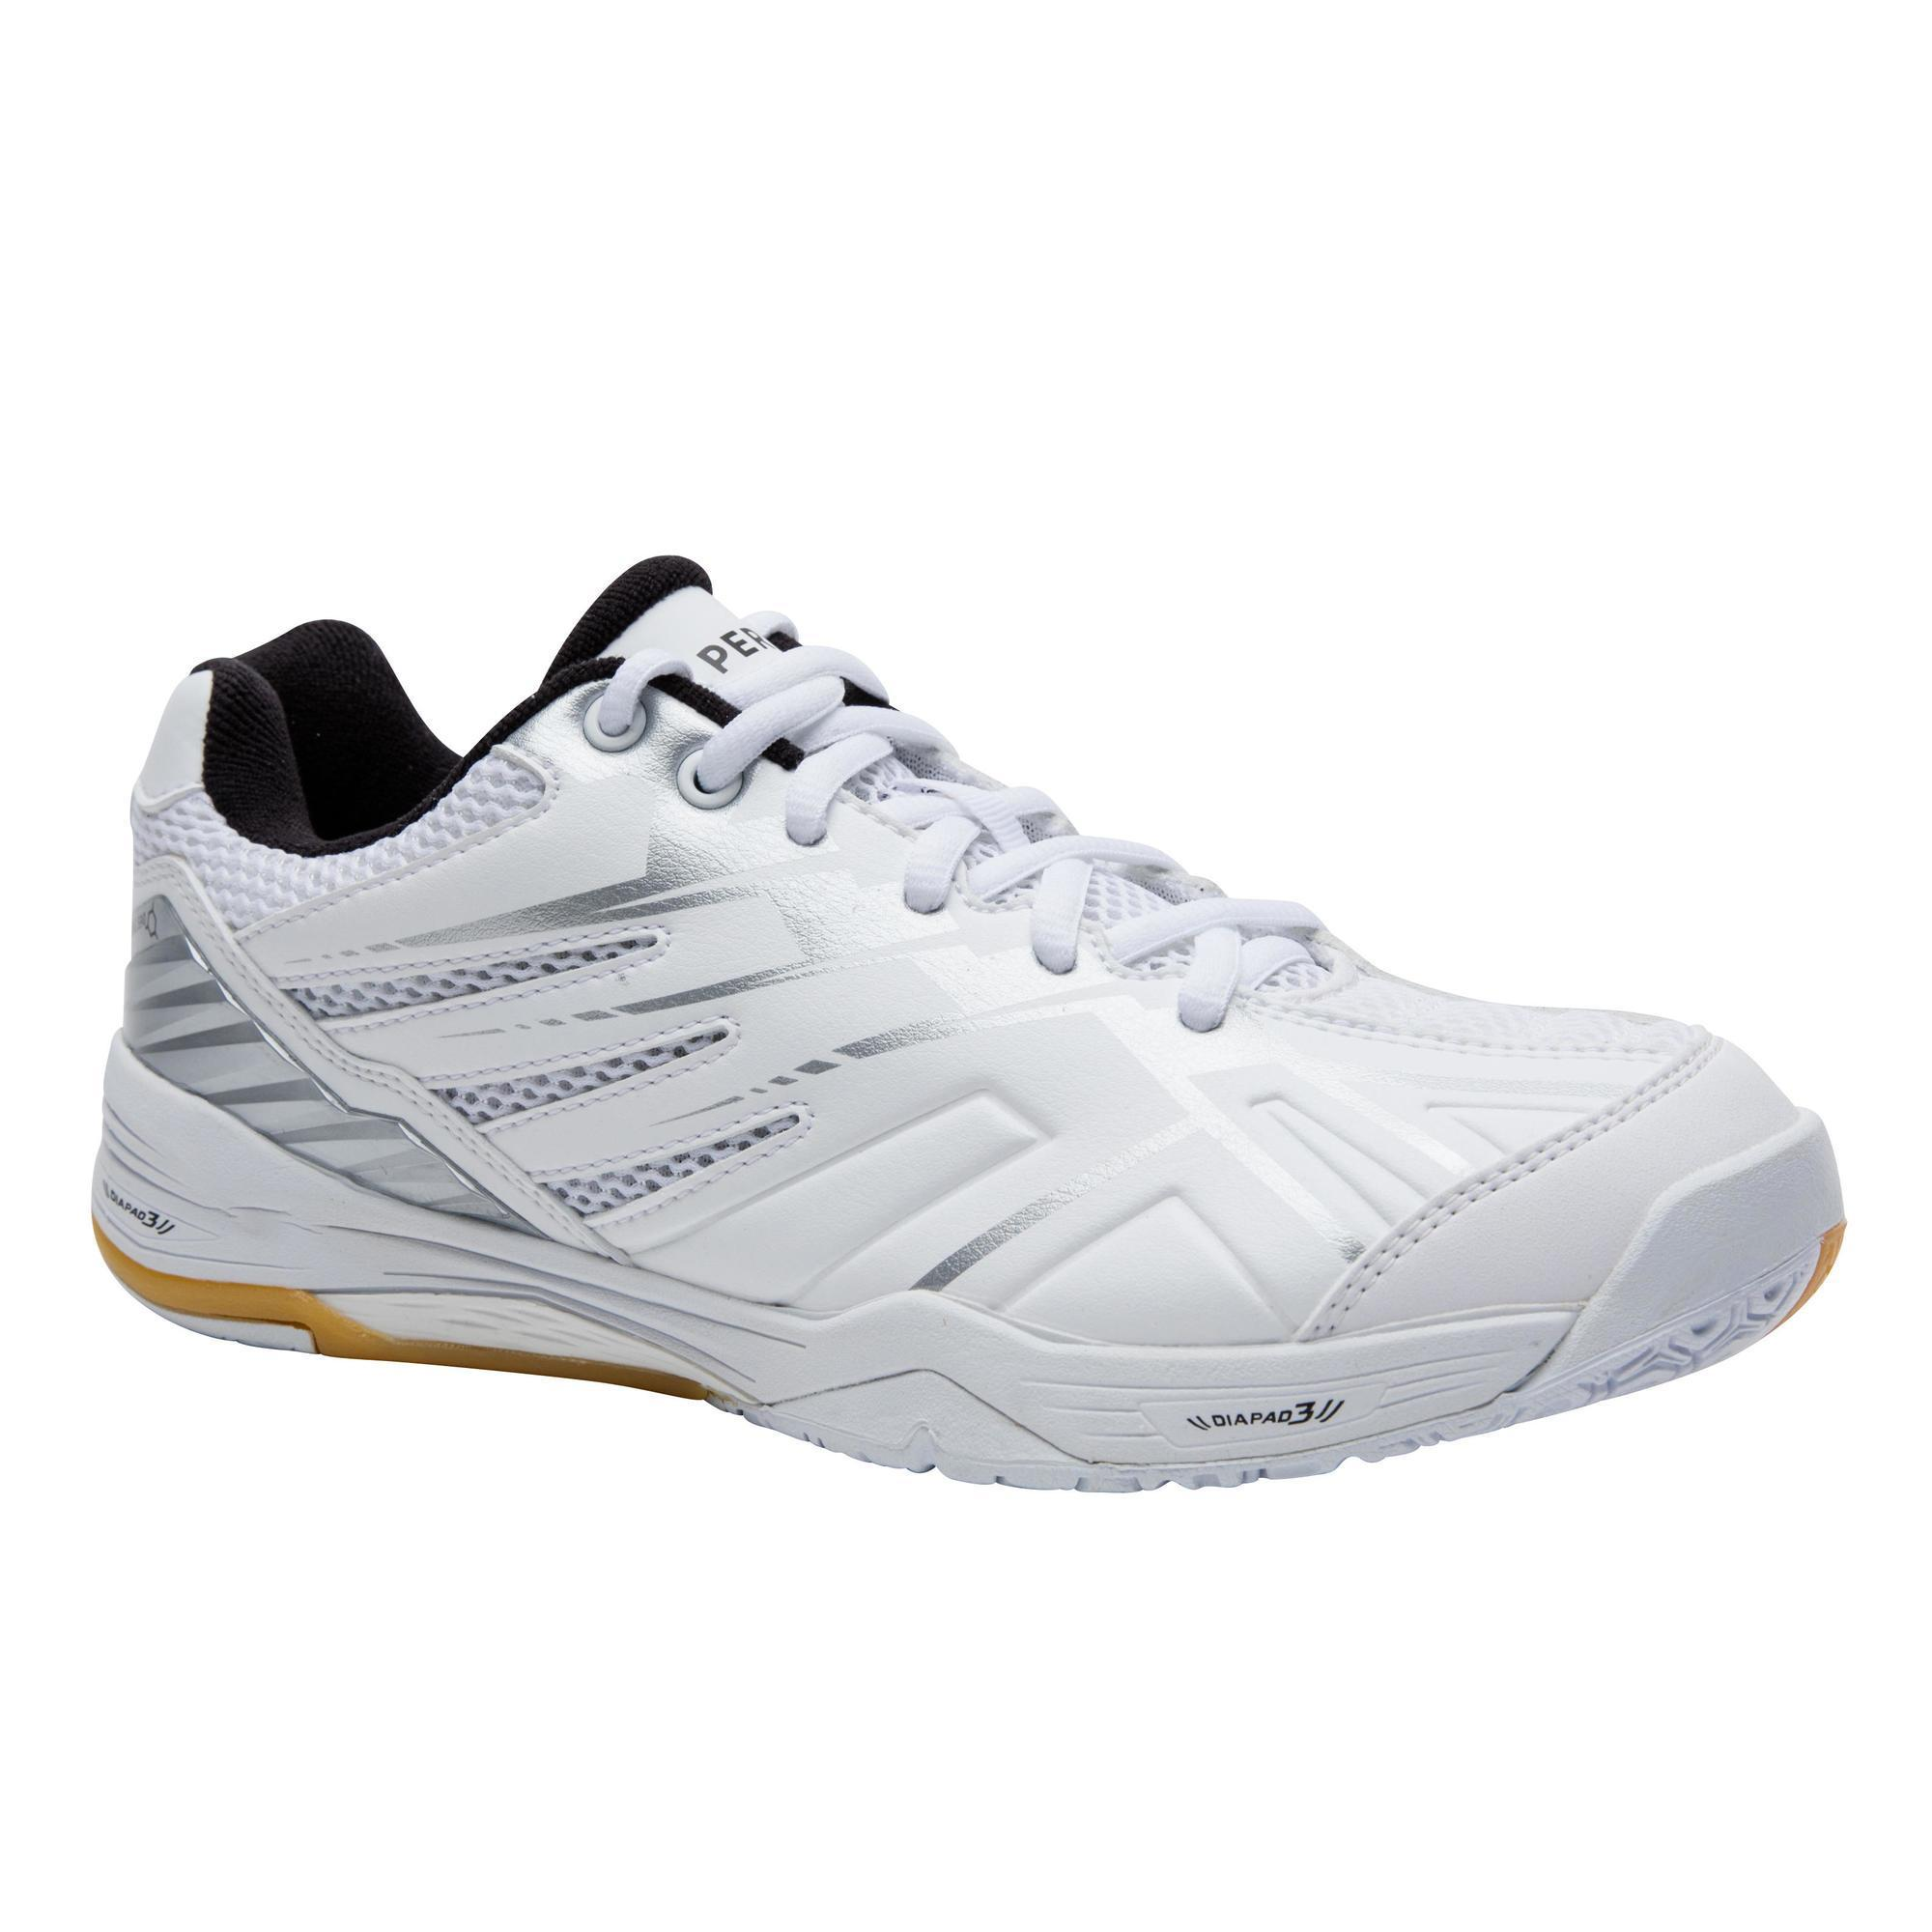 Perfly Badmintonschoenen voor dames BS 590 Max Comfort wit